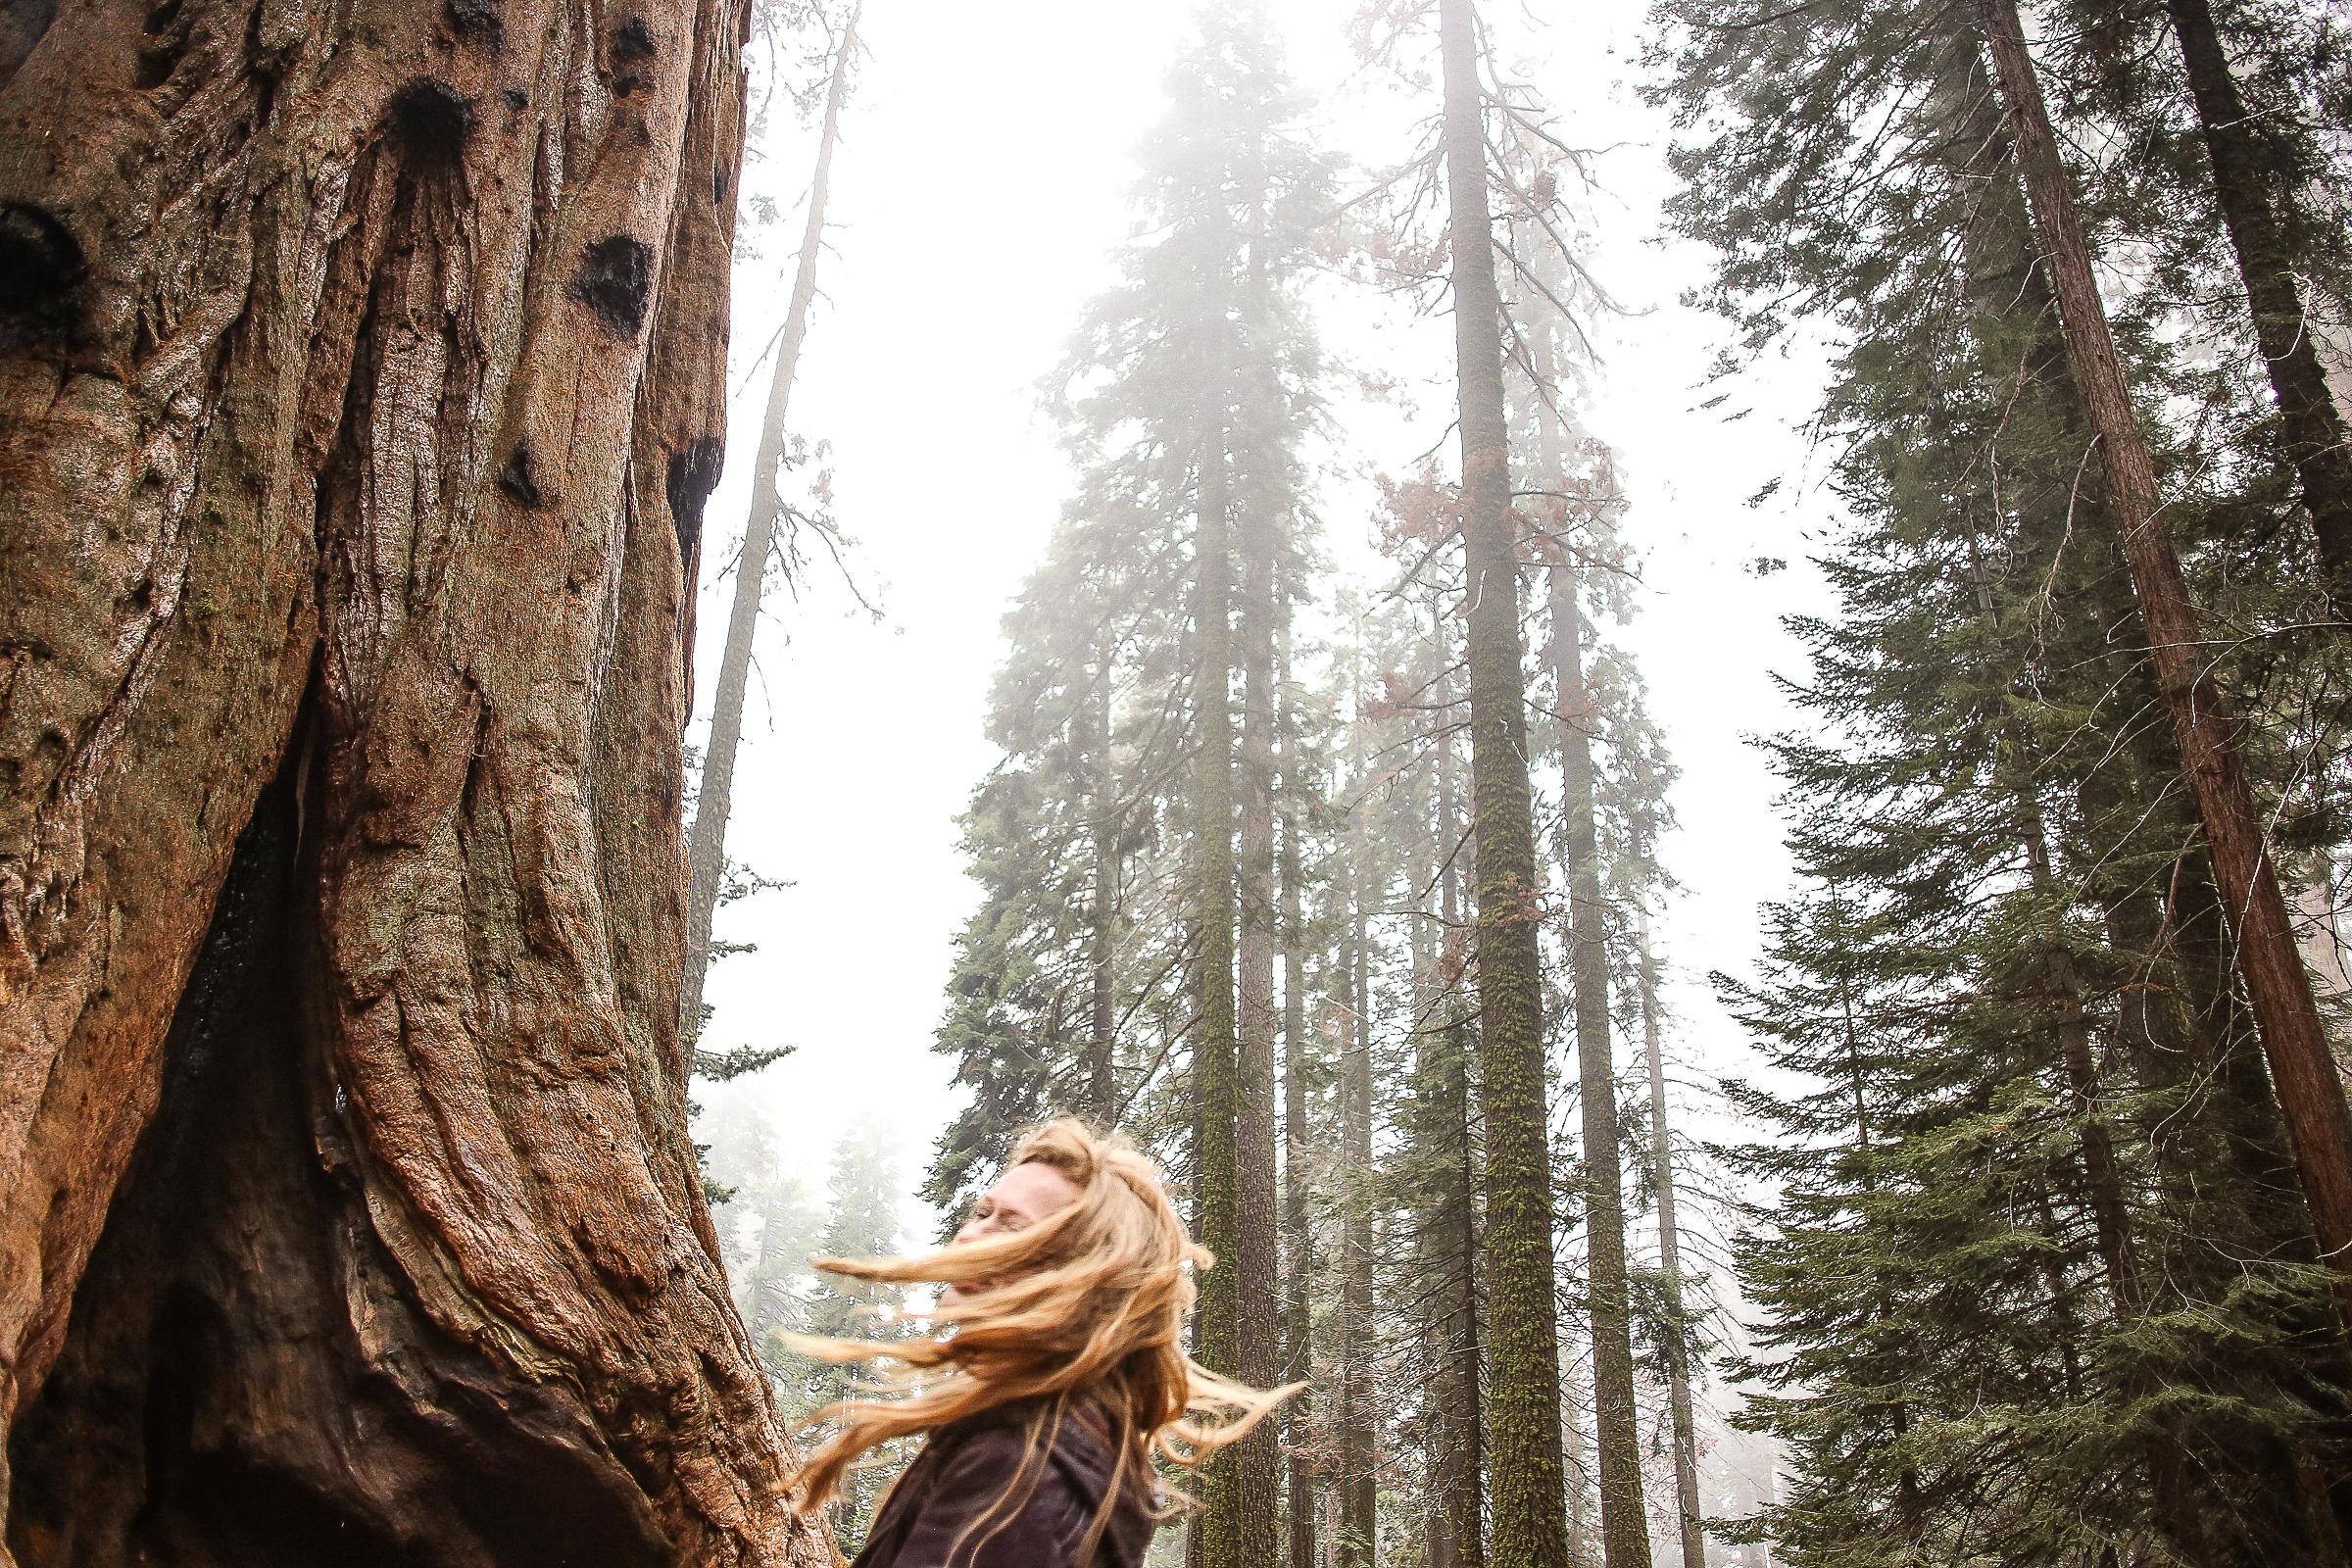 Sequoia_May2017-8328.jpg